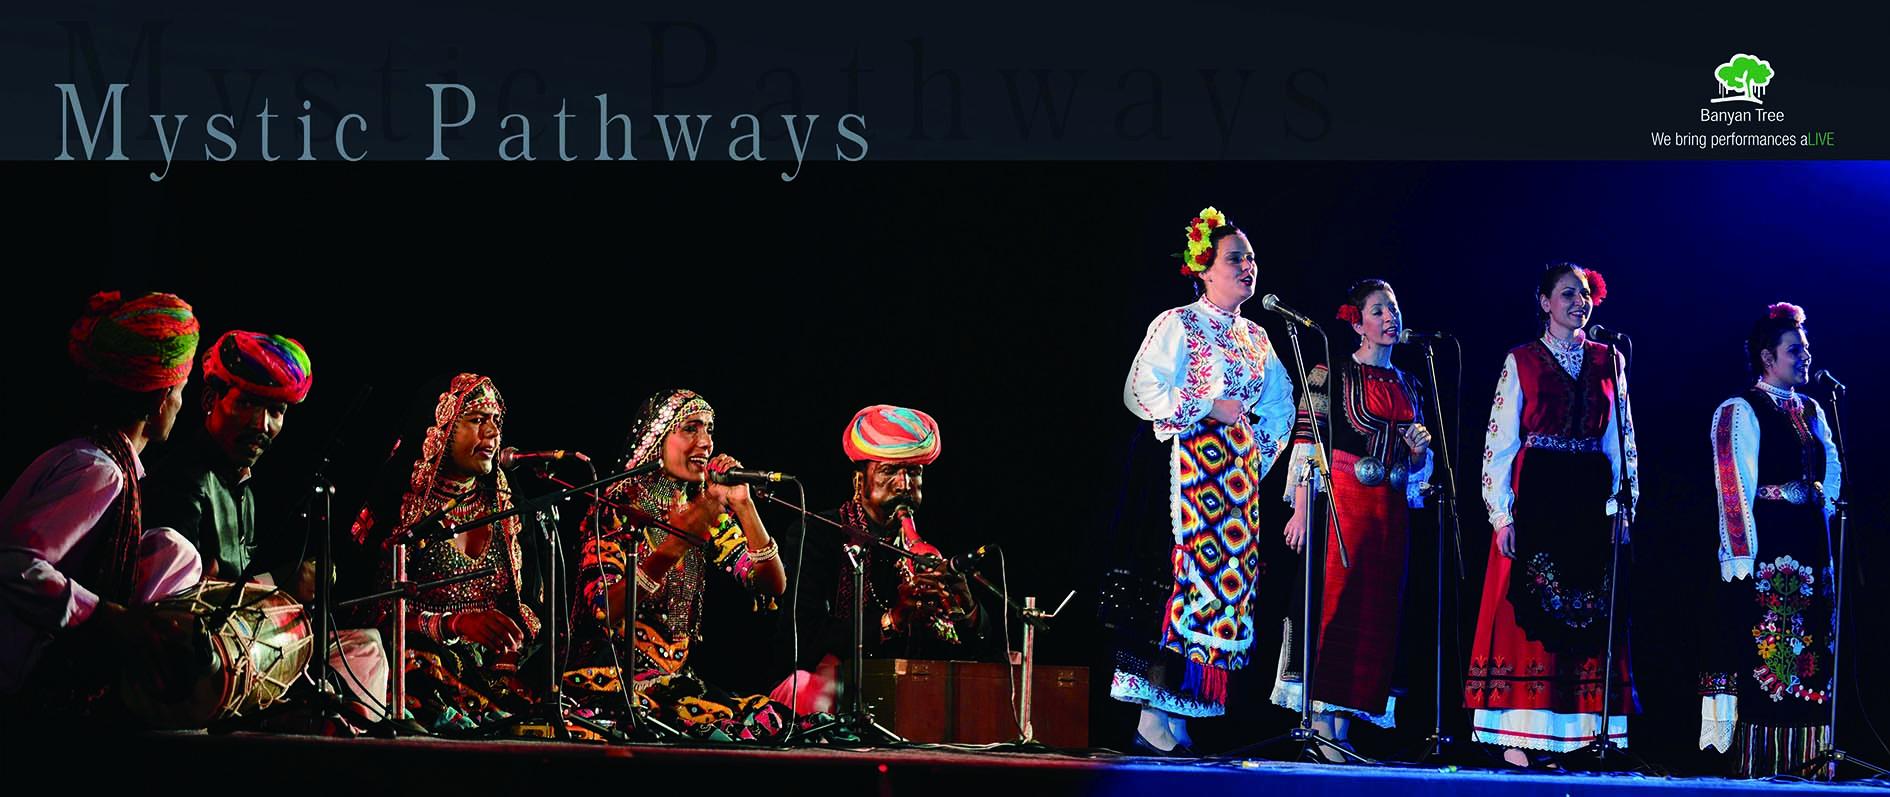 印度神秘路徑樂舞團。.jpg